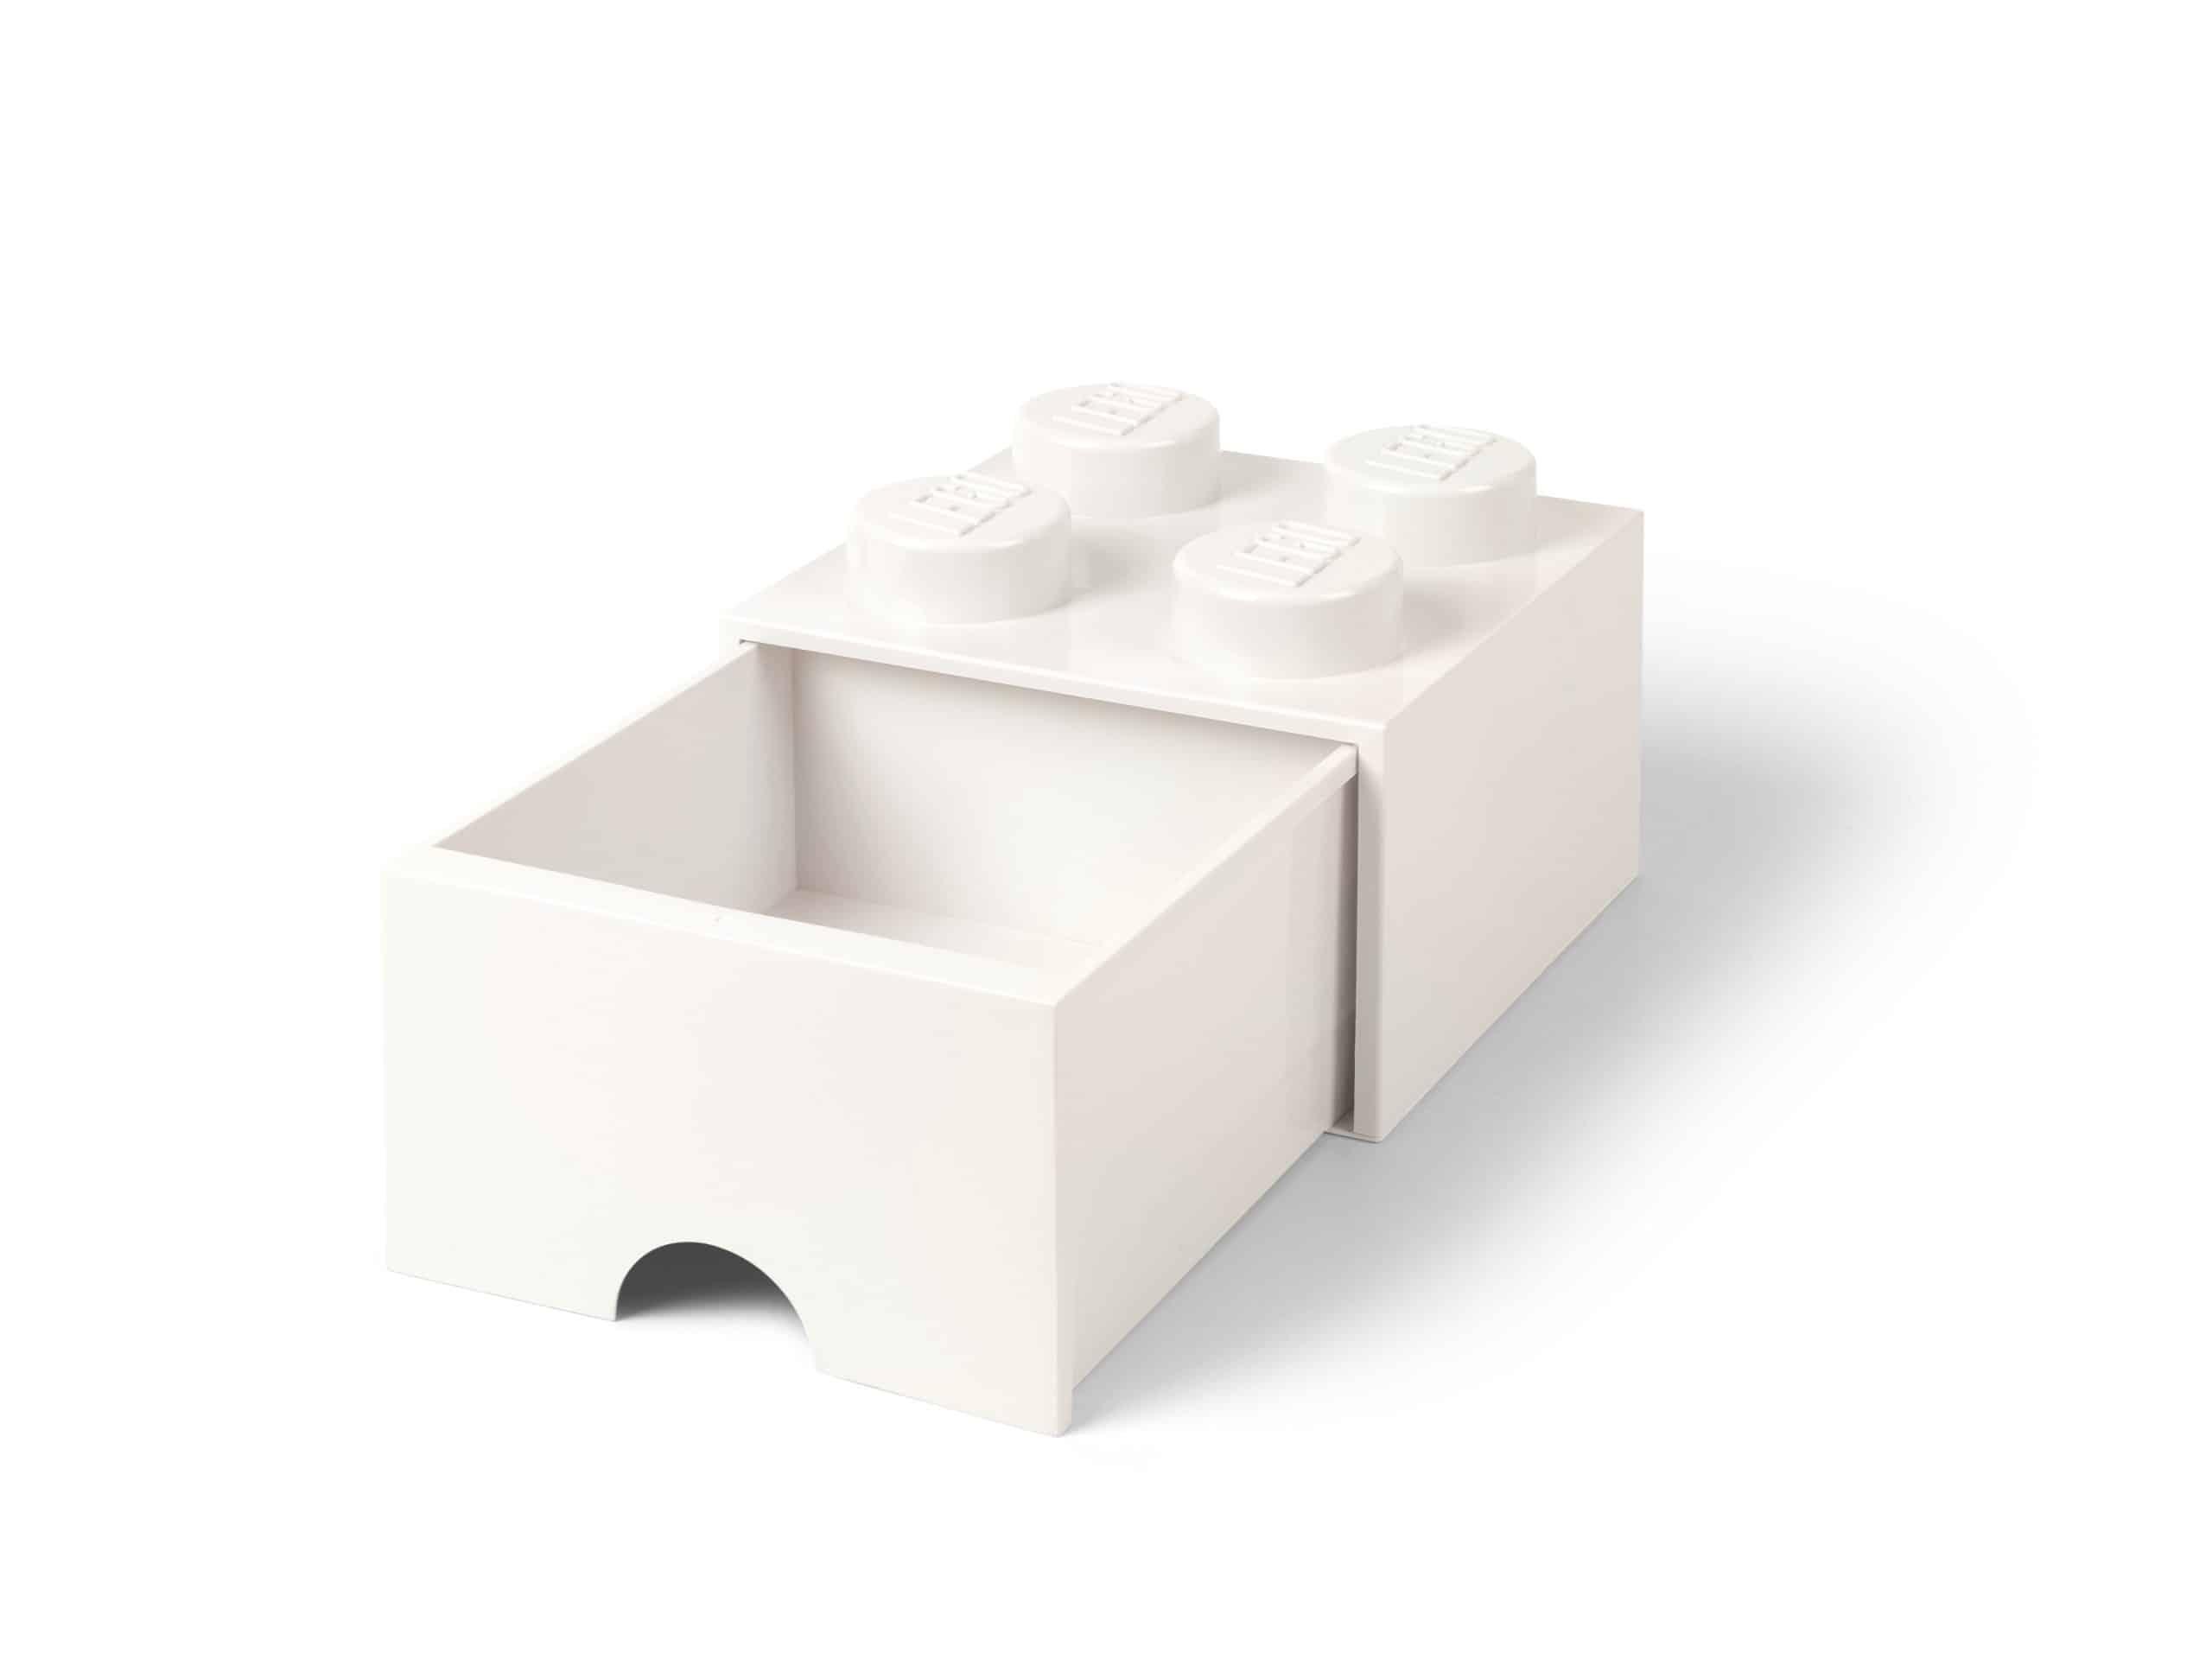 lego 5006208 4 knops hvid opbevaringsklods med skuffe scaled